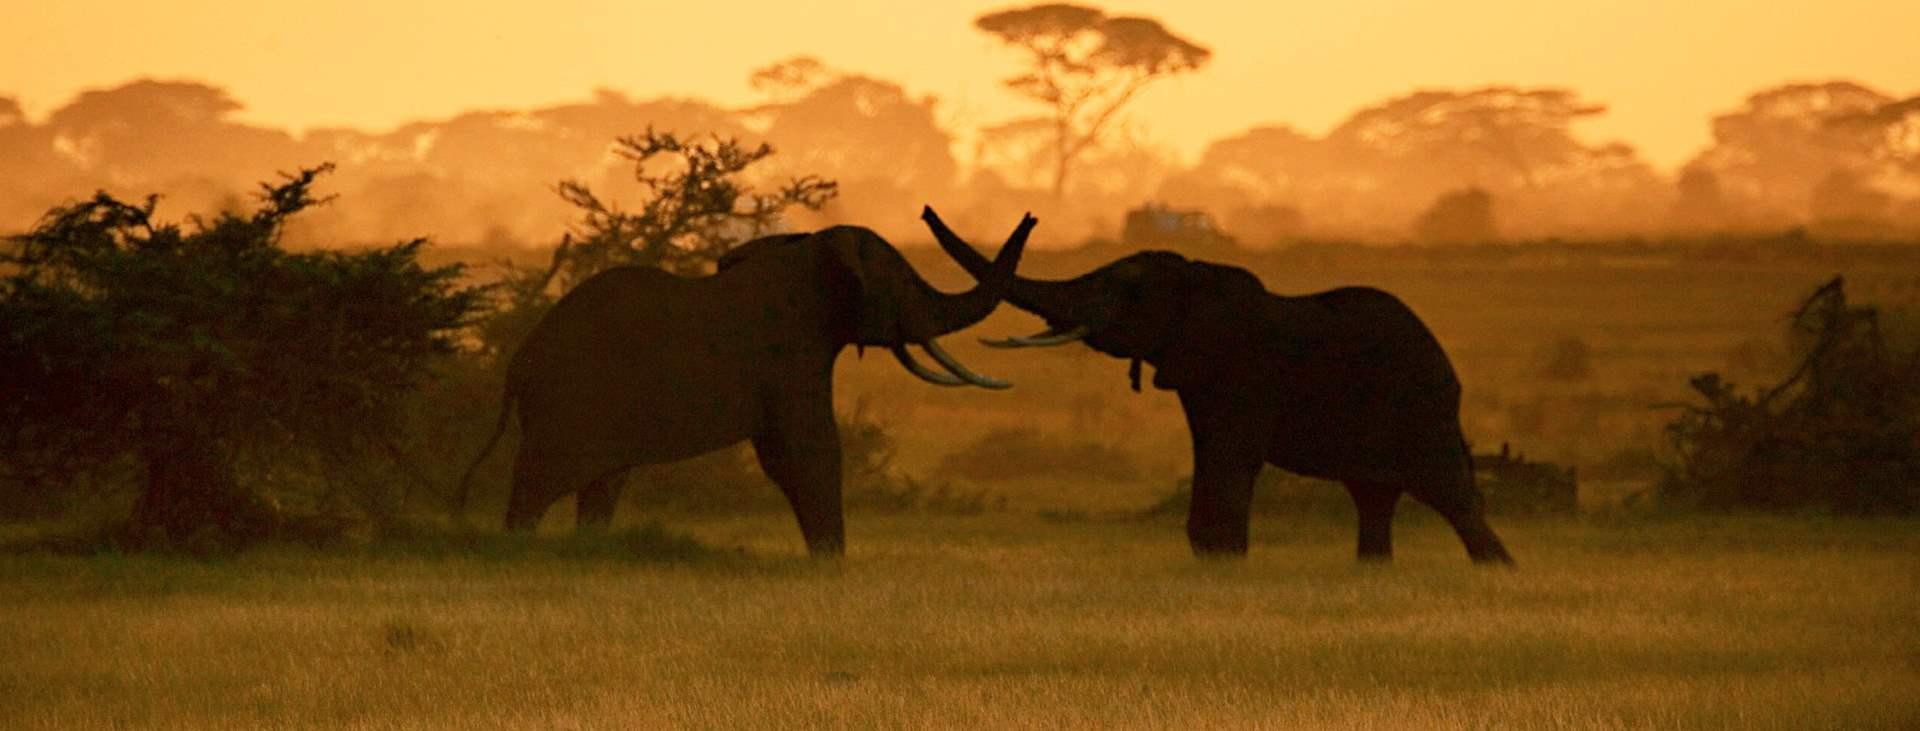 Boka en resa till solsäkra Afrika med Ving